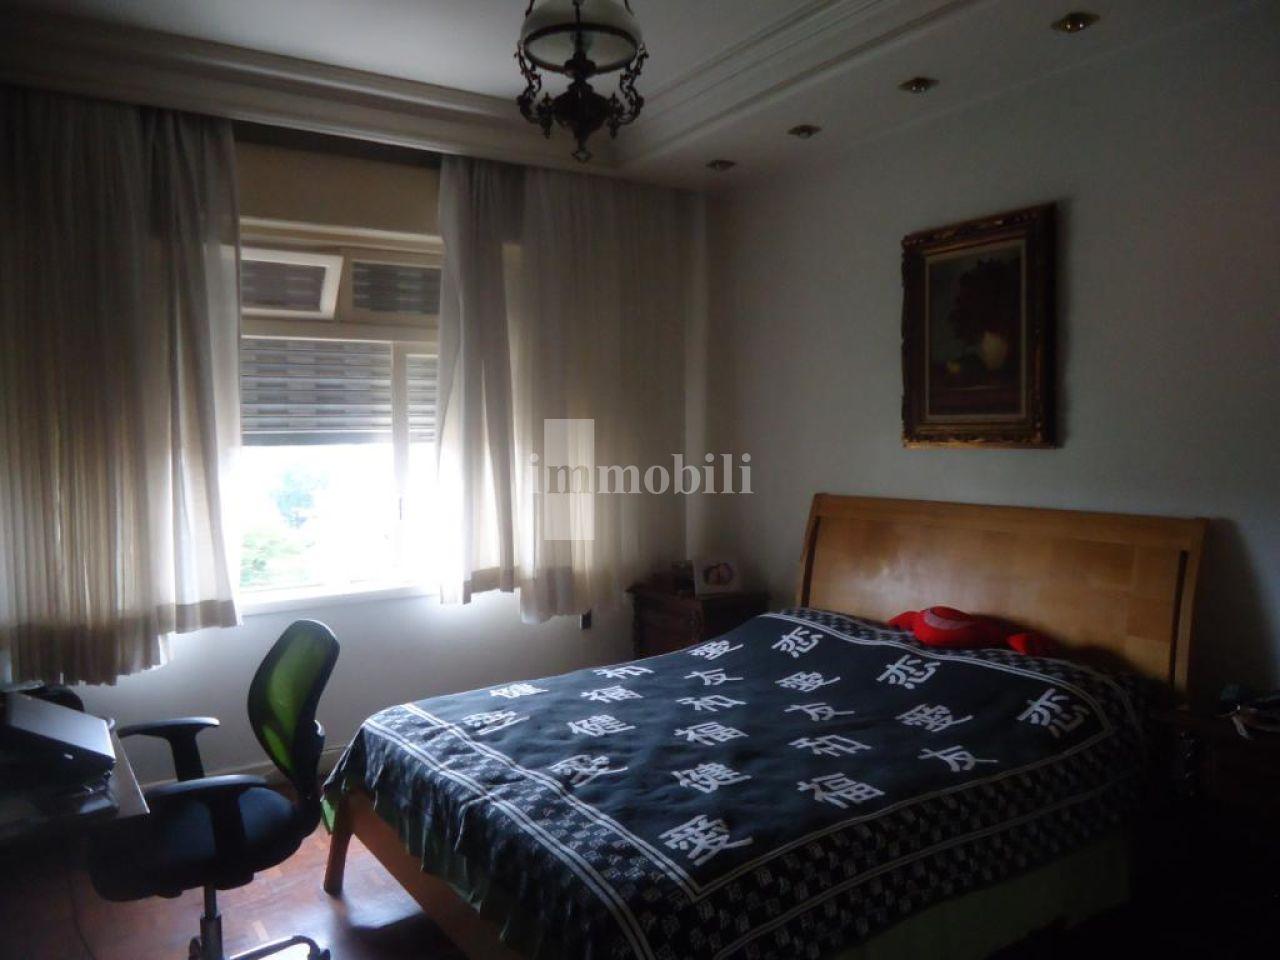 imagem de destaque-imovel Dormitório 2